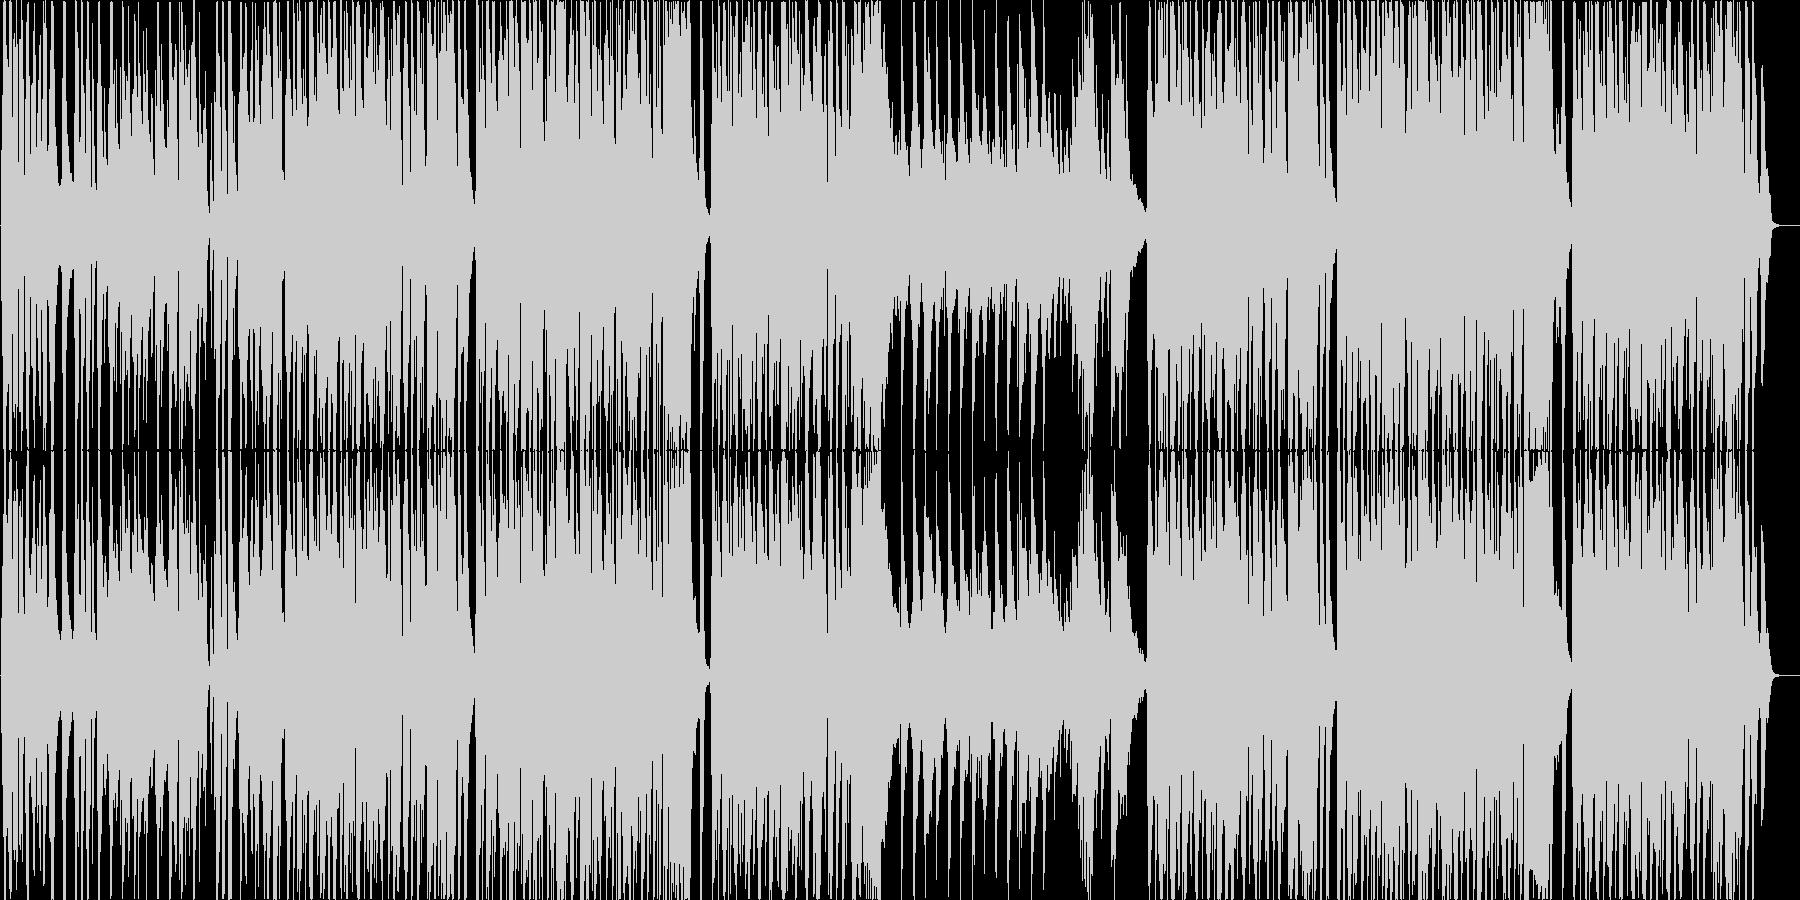 跳ねたリズムにバイオリンの明るい曲の未再生の波形